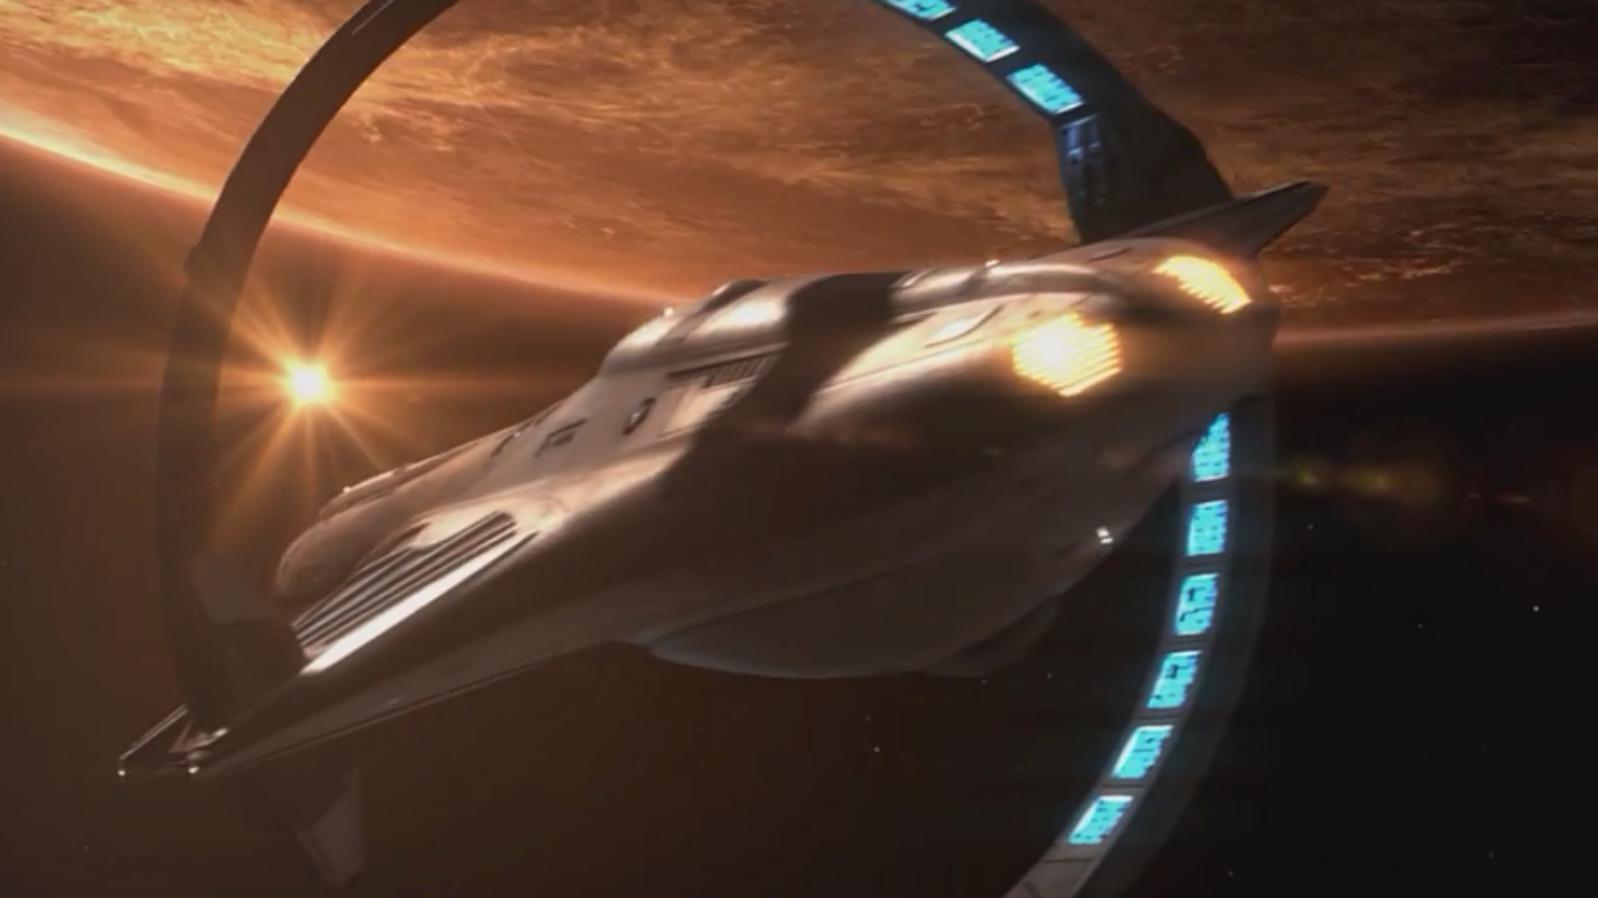 Star Trek: Axanar Feature Film - Indiegogo Pitch (Still Image)